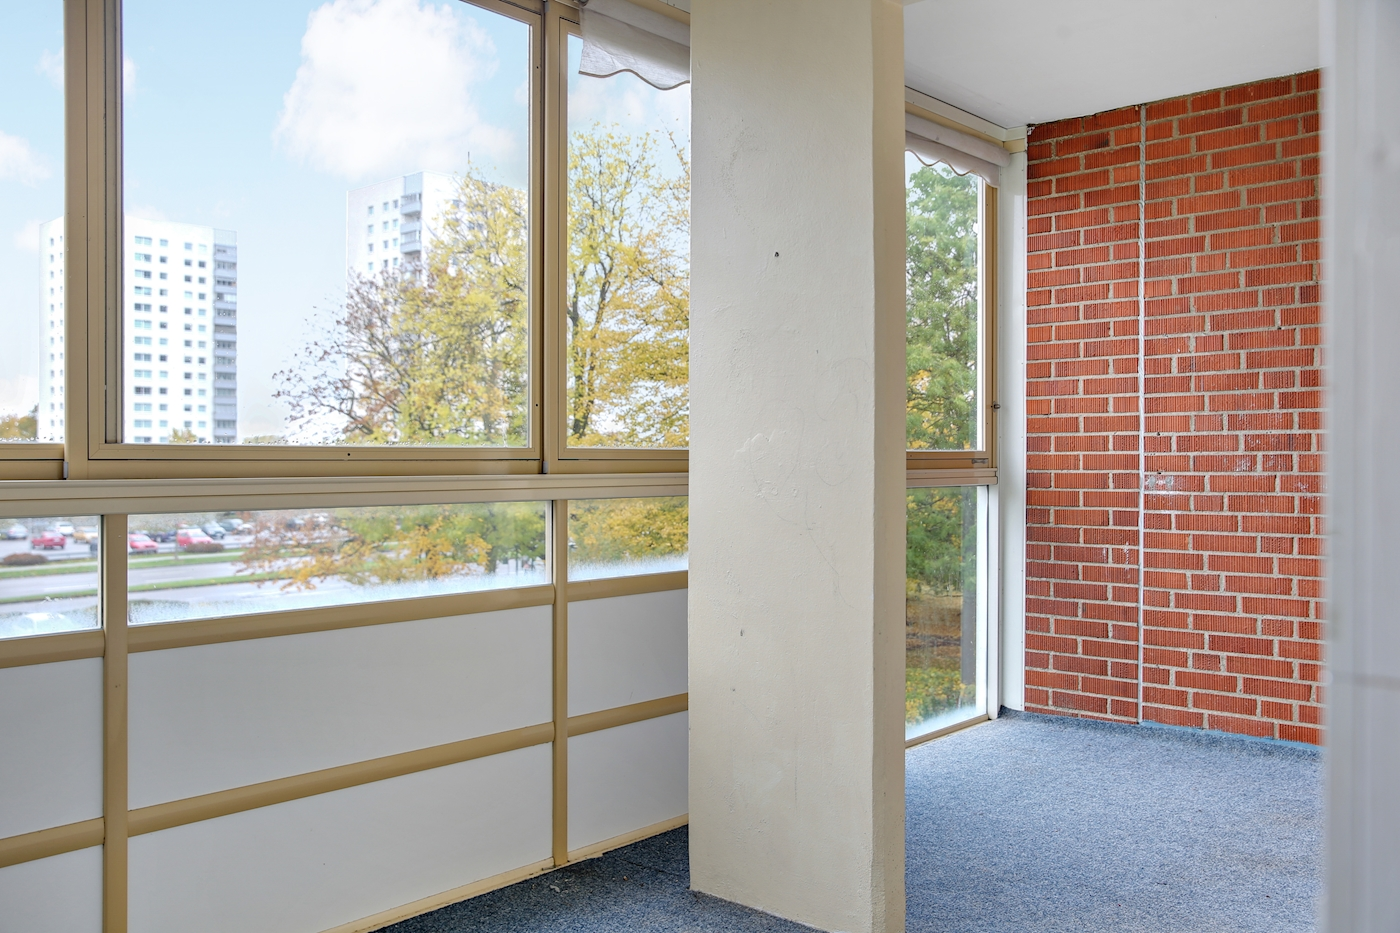 Stor, inglasad balkong med fri utsikt i västerläge.